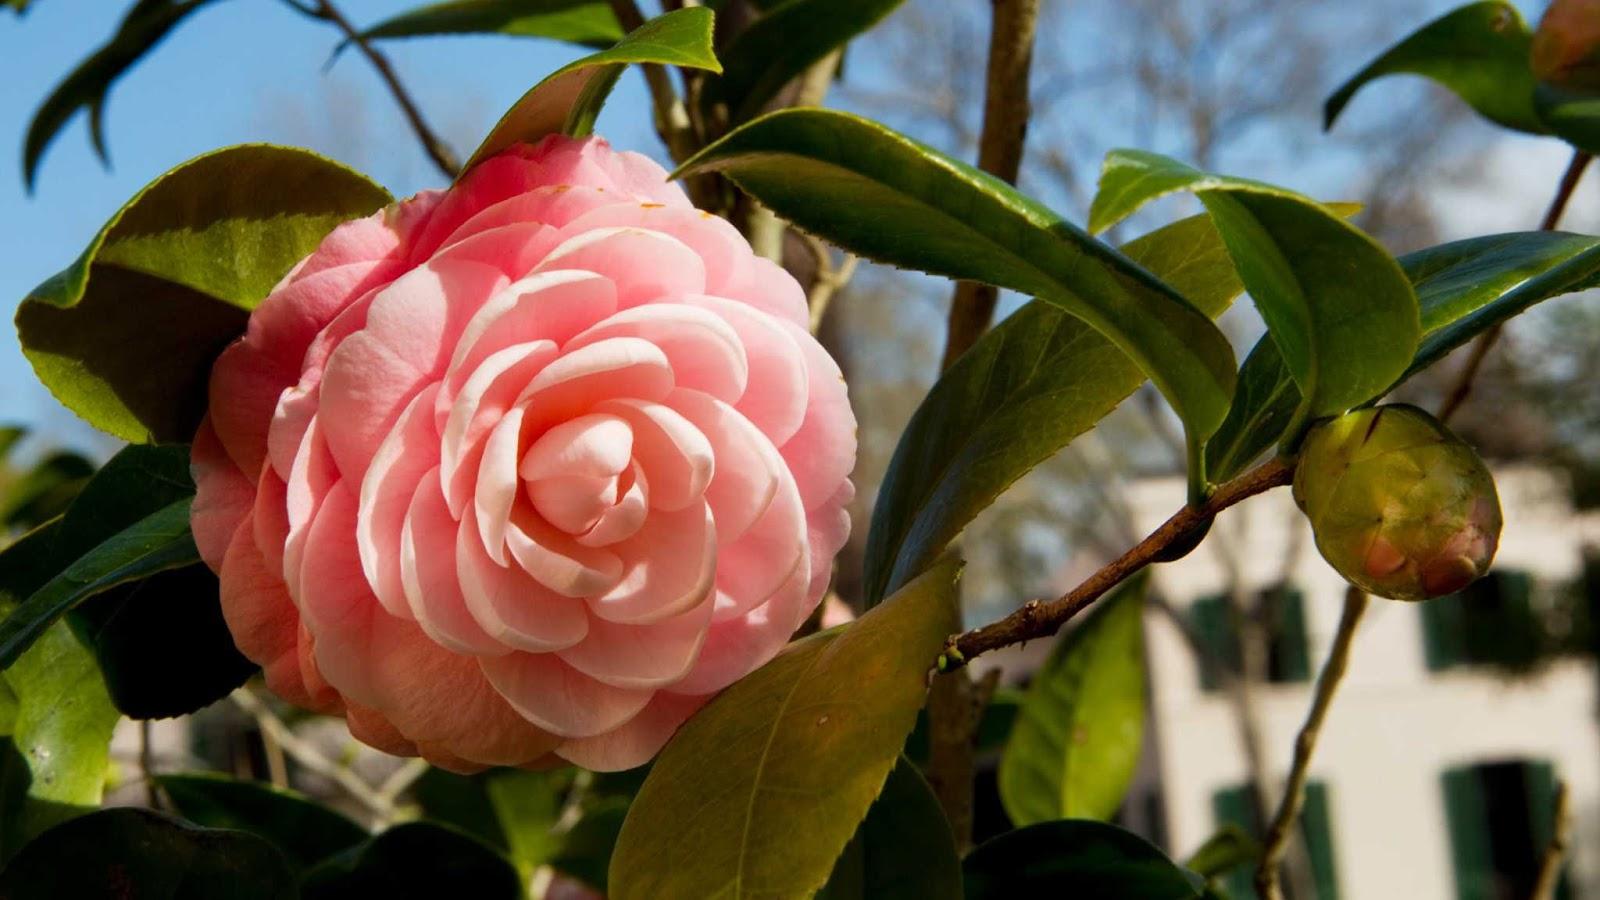 Hoa trà mi phấn hồng cực kỳ xinh đẹp